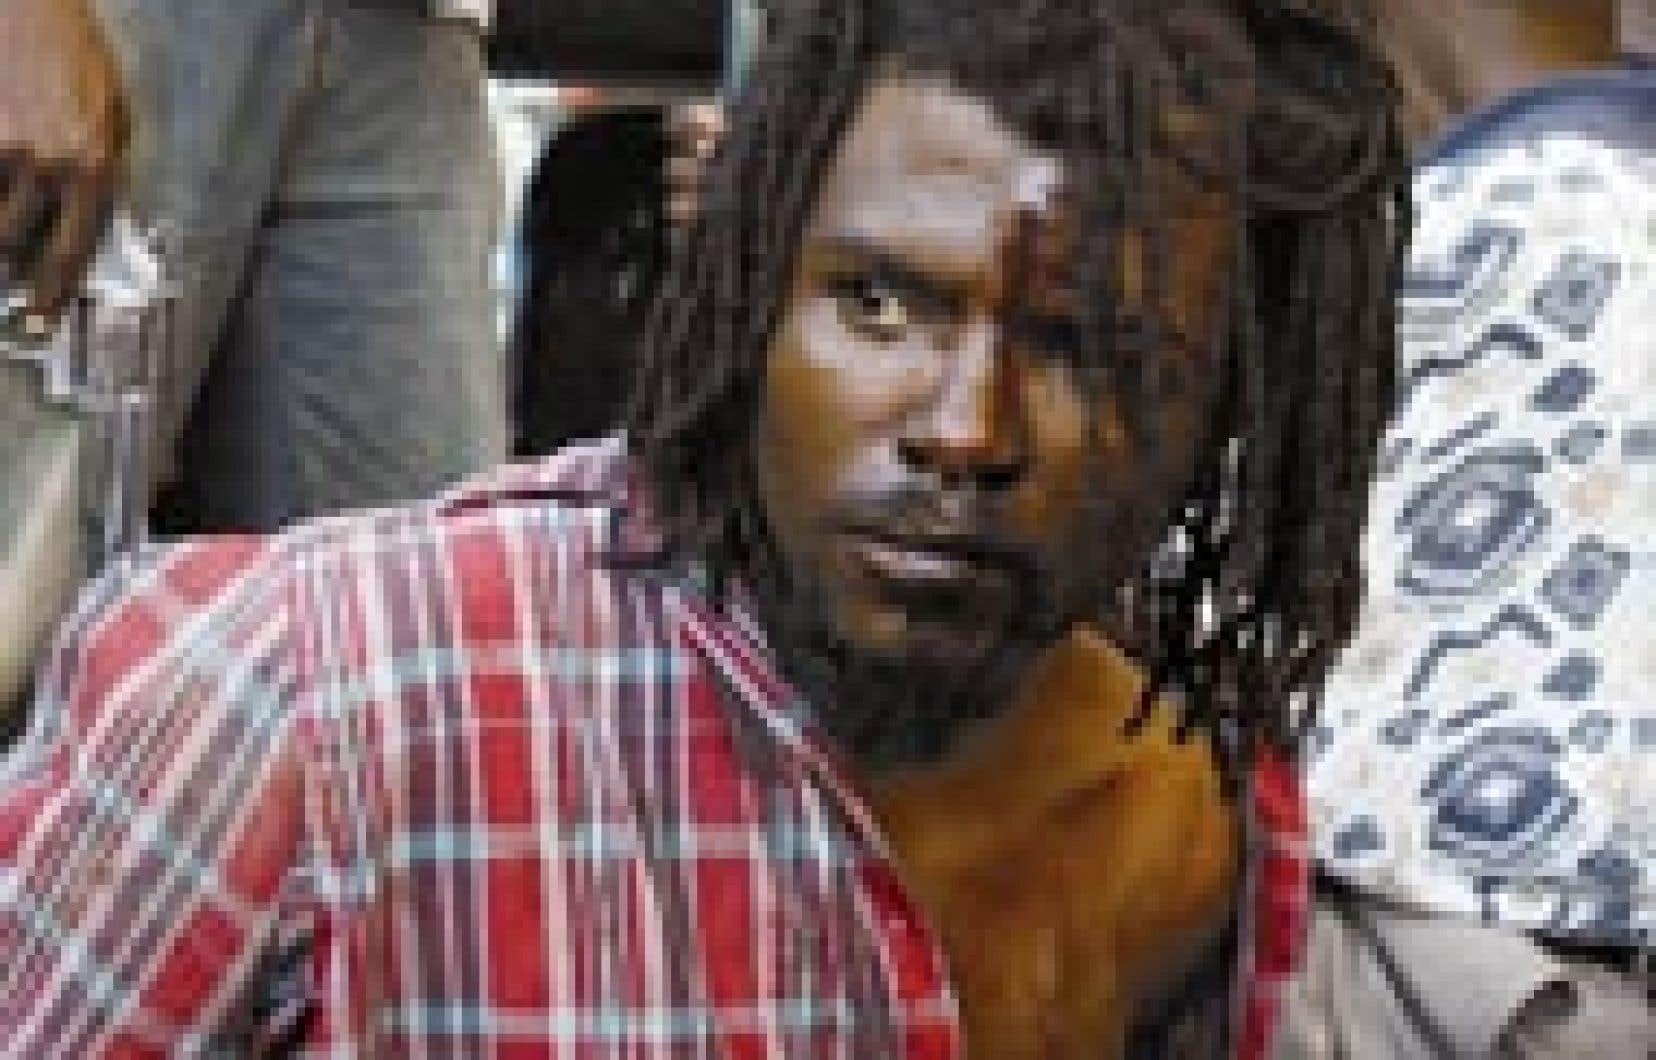 Jean-Bernard Prevalis, un homme soupçonné de violence contre les opposants au régime de Jean-Bertrand Aristide, a été arrêté par des soldats rebelles, hier, à Cap-Haïtien.